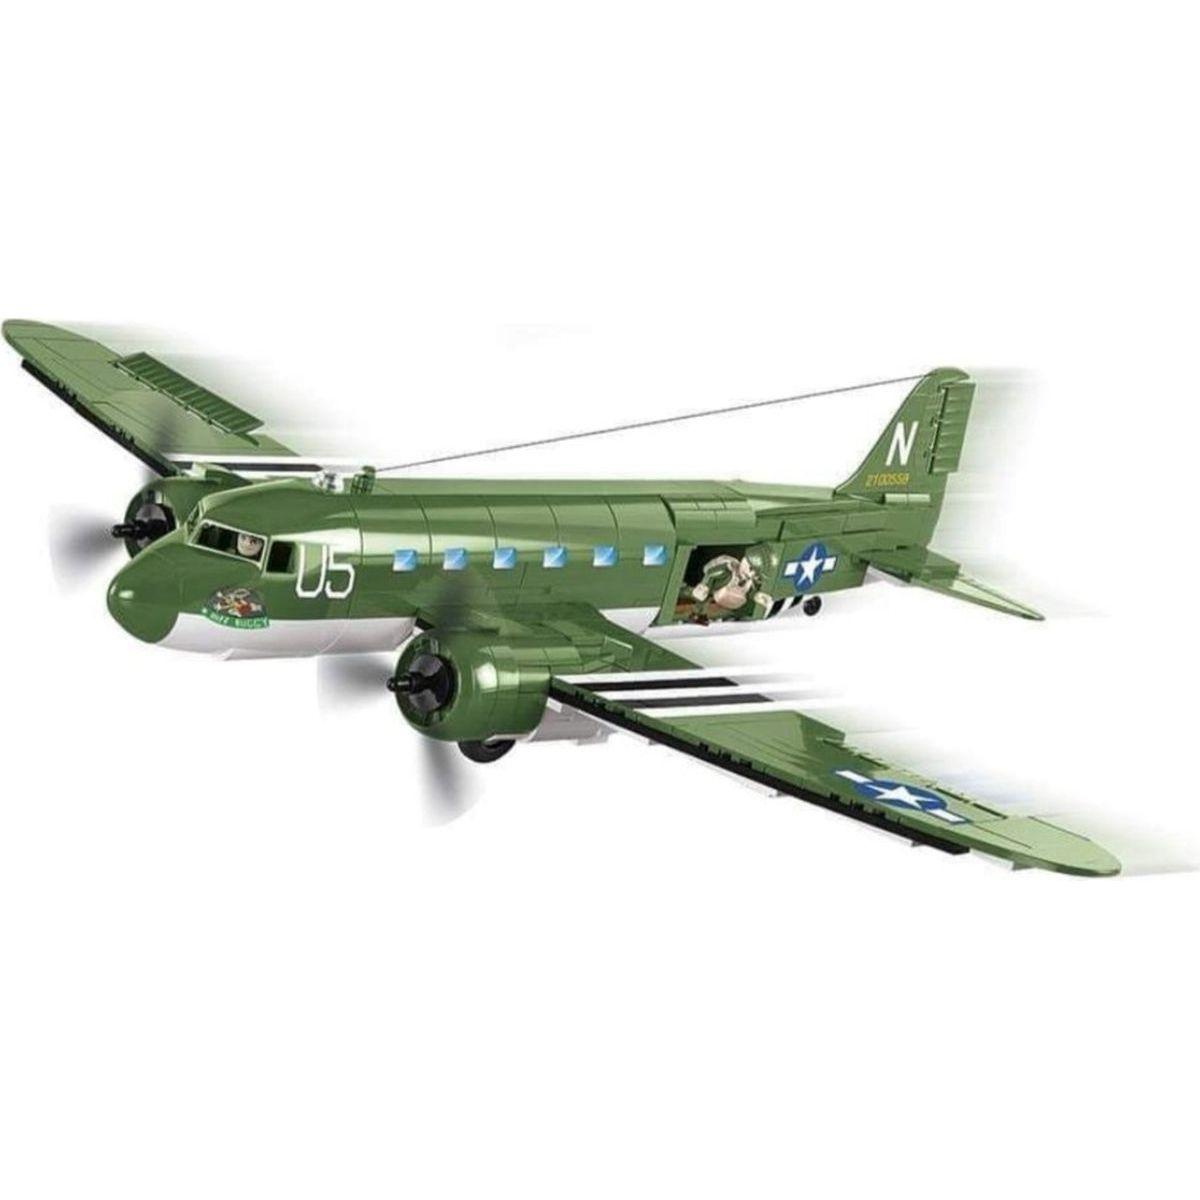 Cobi 5701 Malá armáda II. světová válka Douglas C-47 Skytrain Dakota - Poškozený obal